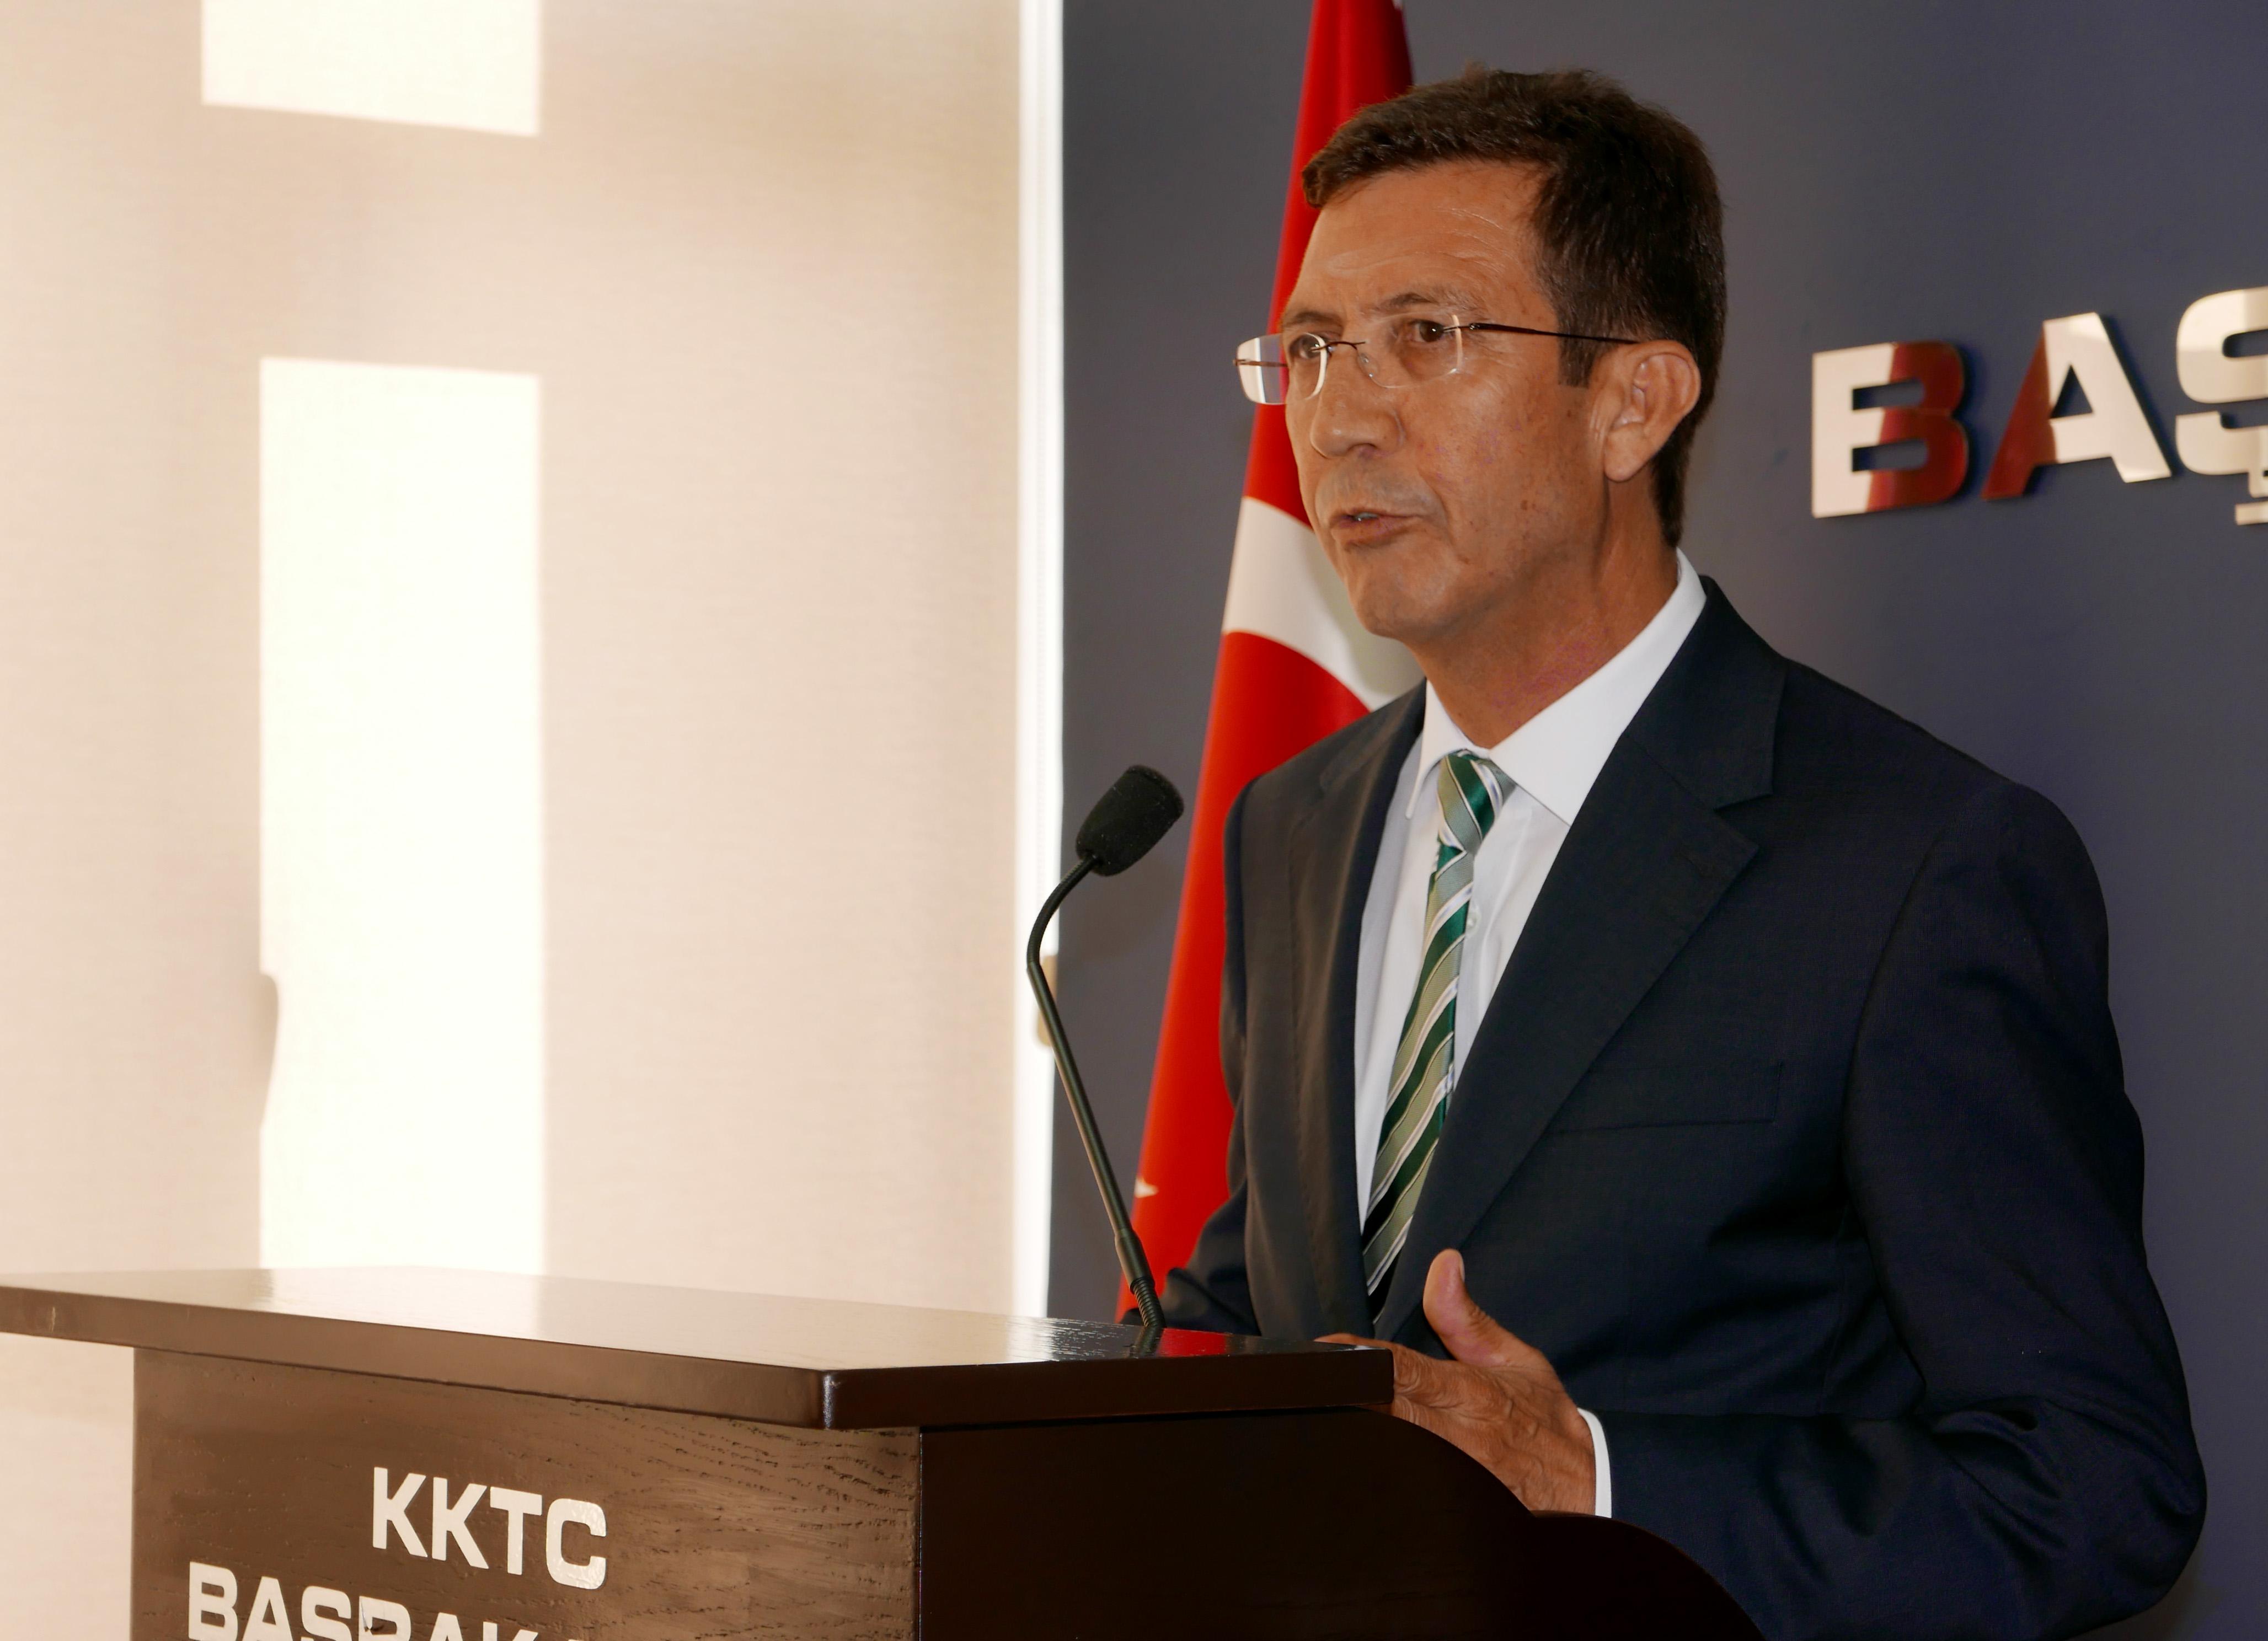 KKTC Merkez Bankası Başkanı: Bankaların hiçbir problemi yok - Er Meydanı TV